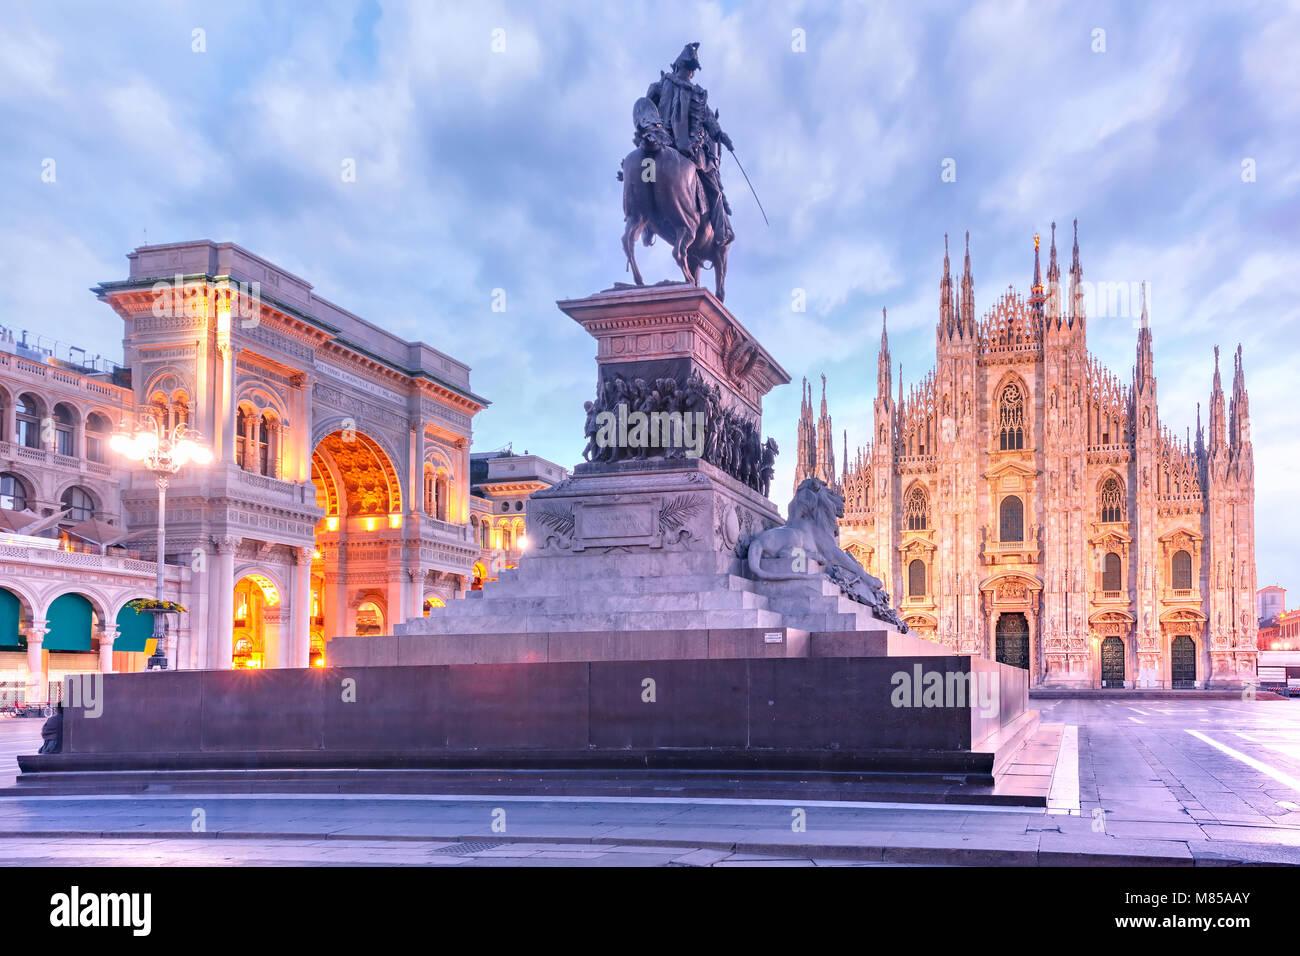 Di notte la piazza del Duomo di Milano, Italia Immagini Stock